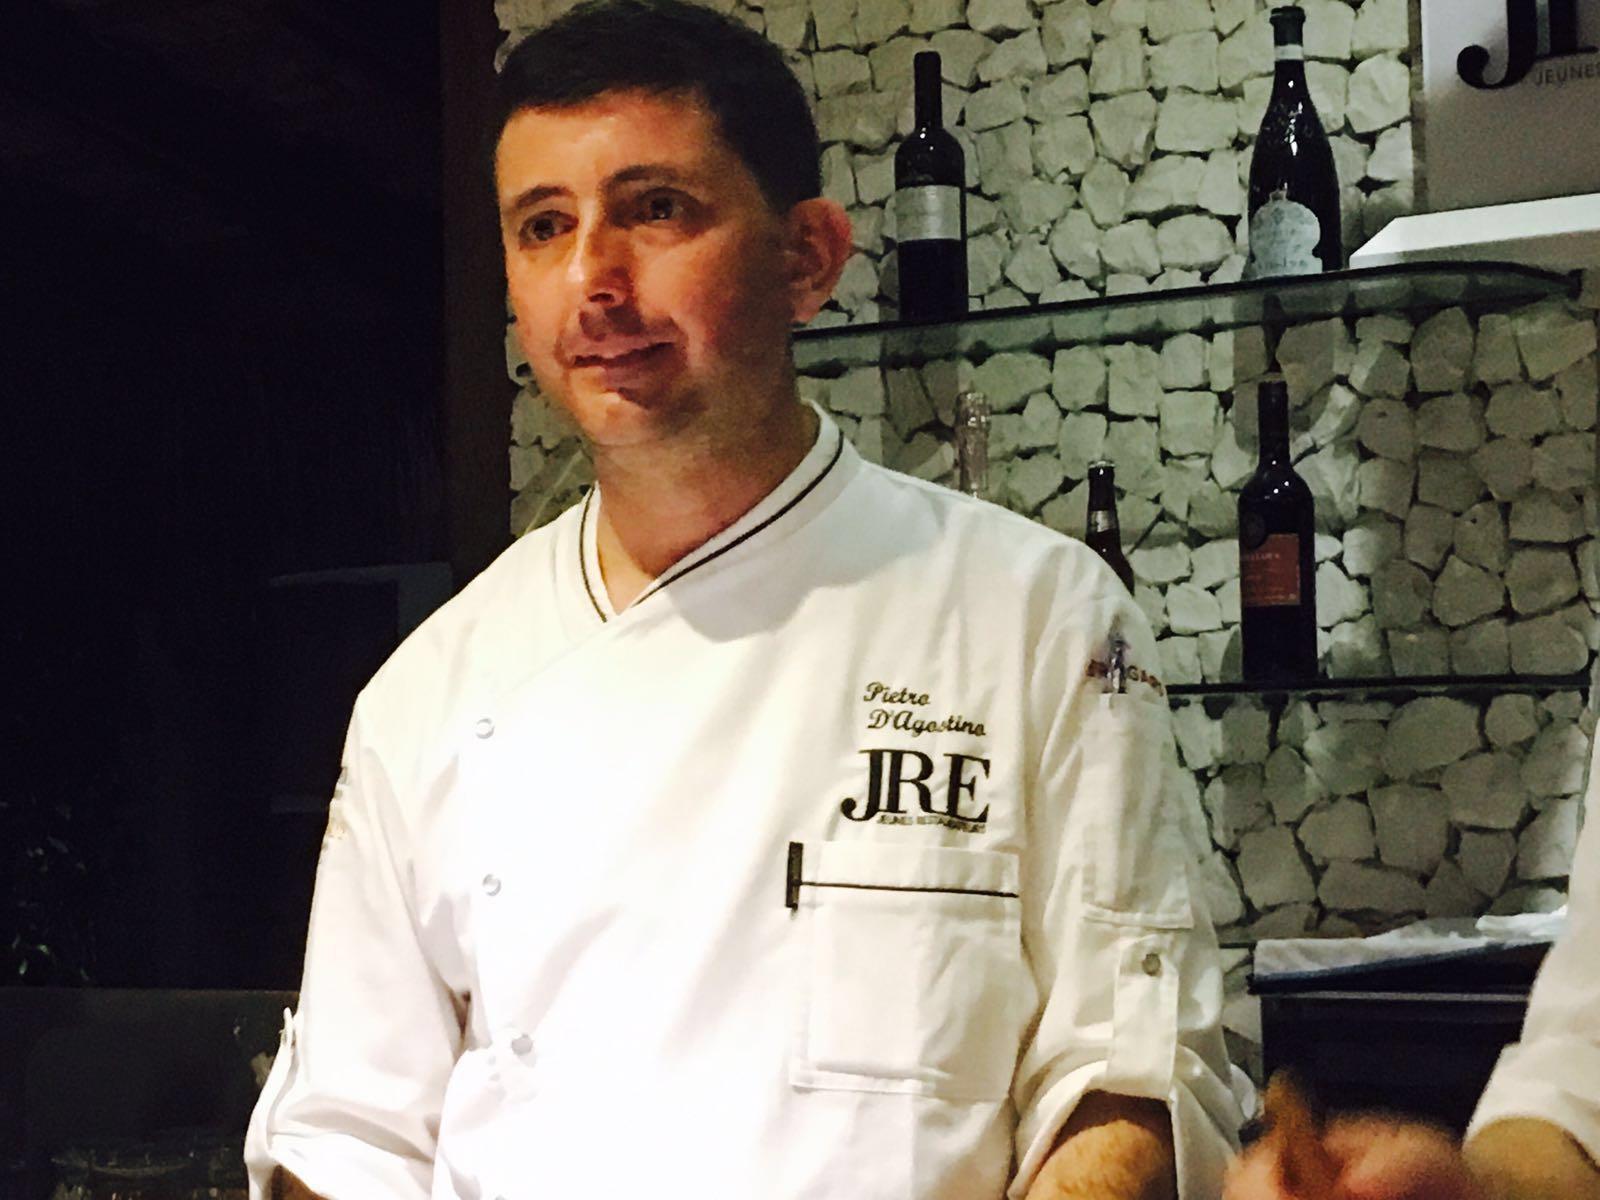 Pietro D'Agostino tra gli 83 chef a JRE i giovani ristoratori d'Europa alle Maldive